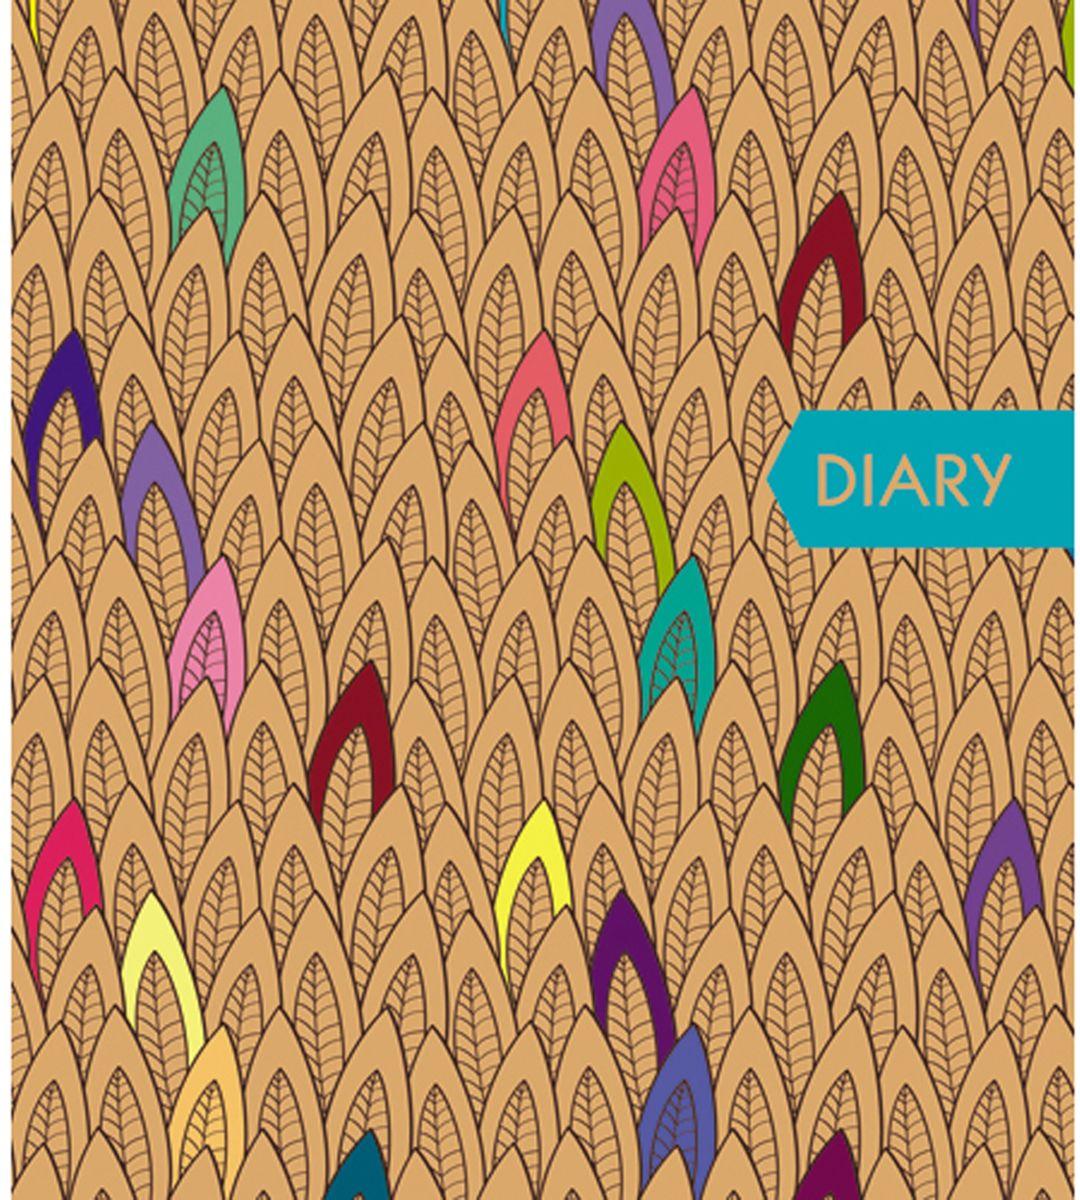 Канц-Эксмо Ежедневник Орнамент Яркий стиль недатированный 128 листов формат А5 ежедневник недатированный 128 листов графика акварельный орнамент 128л а5 канц эксмо